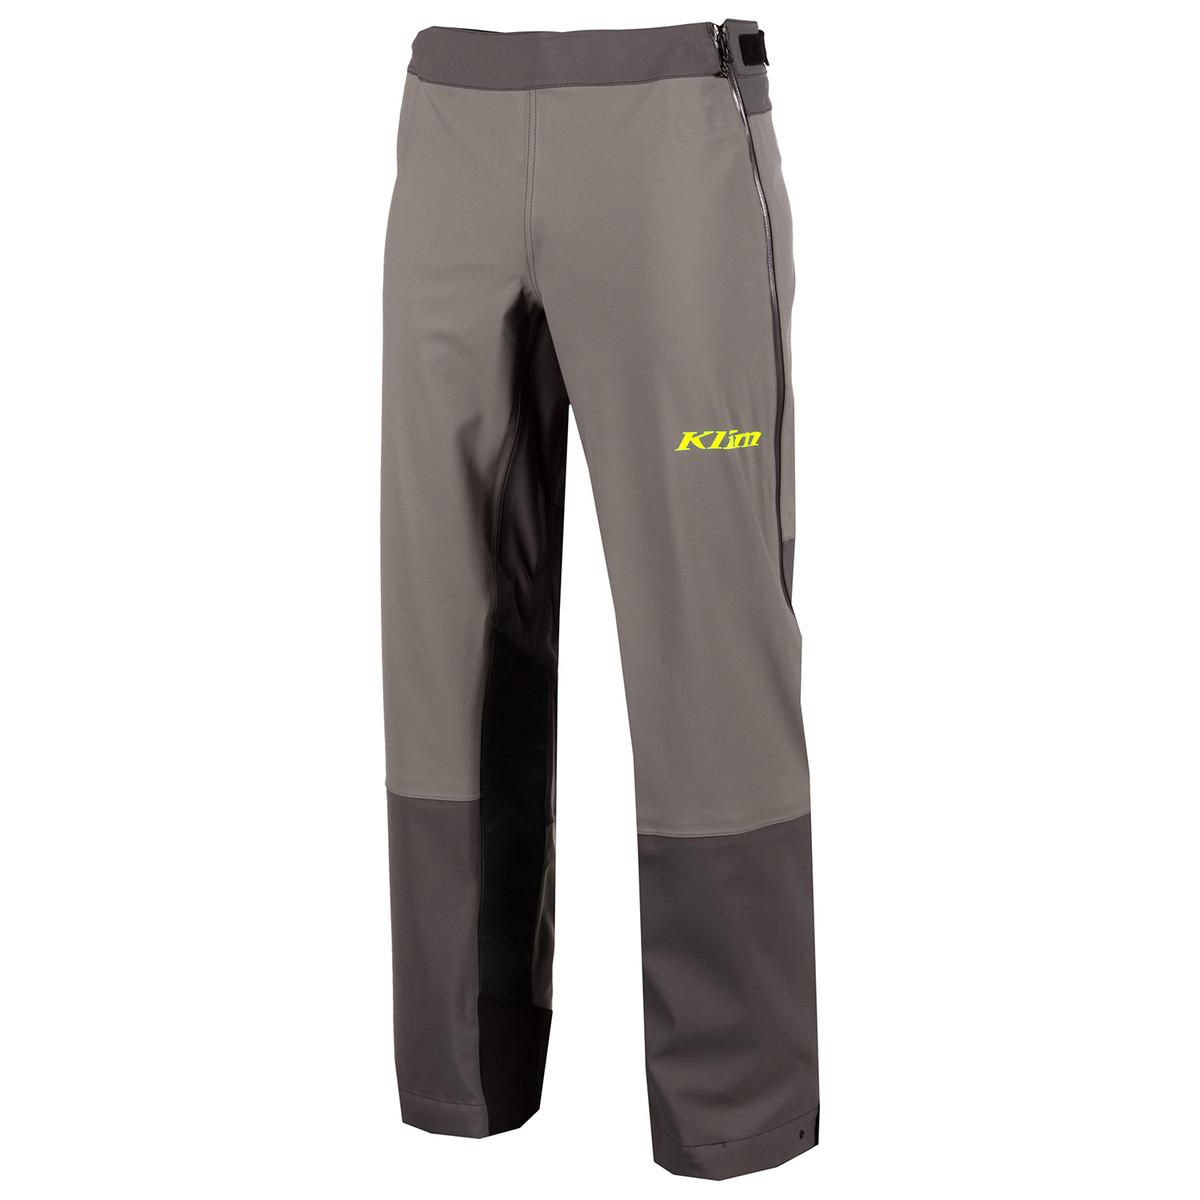 Enduro S4 Pants Castlerock Grey Electric Gekko